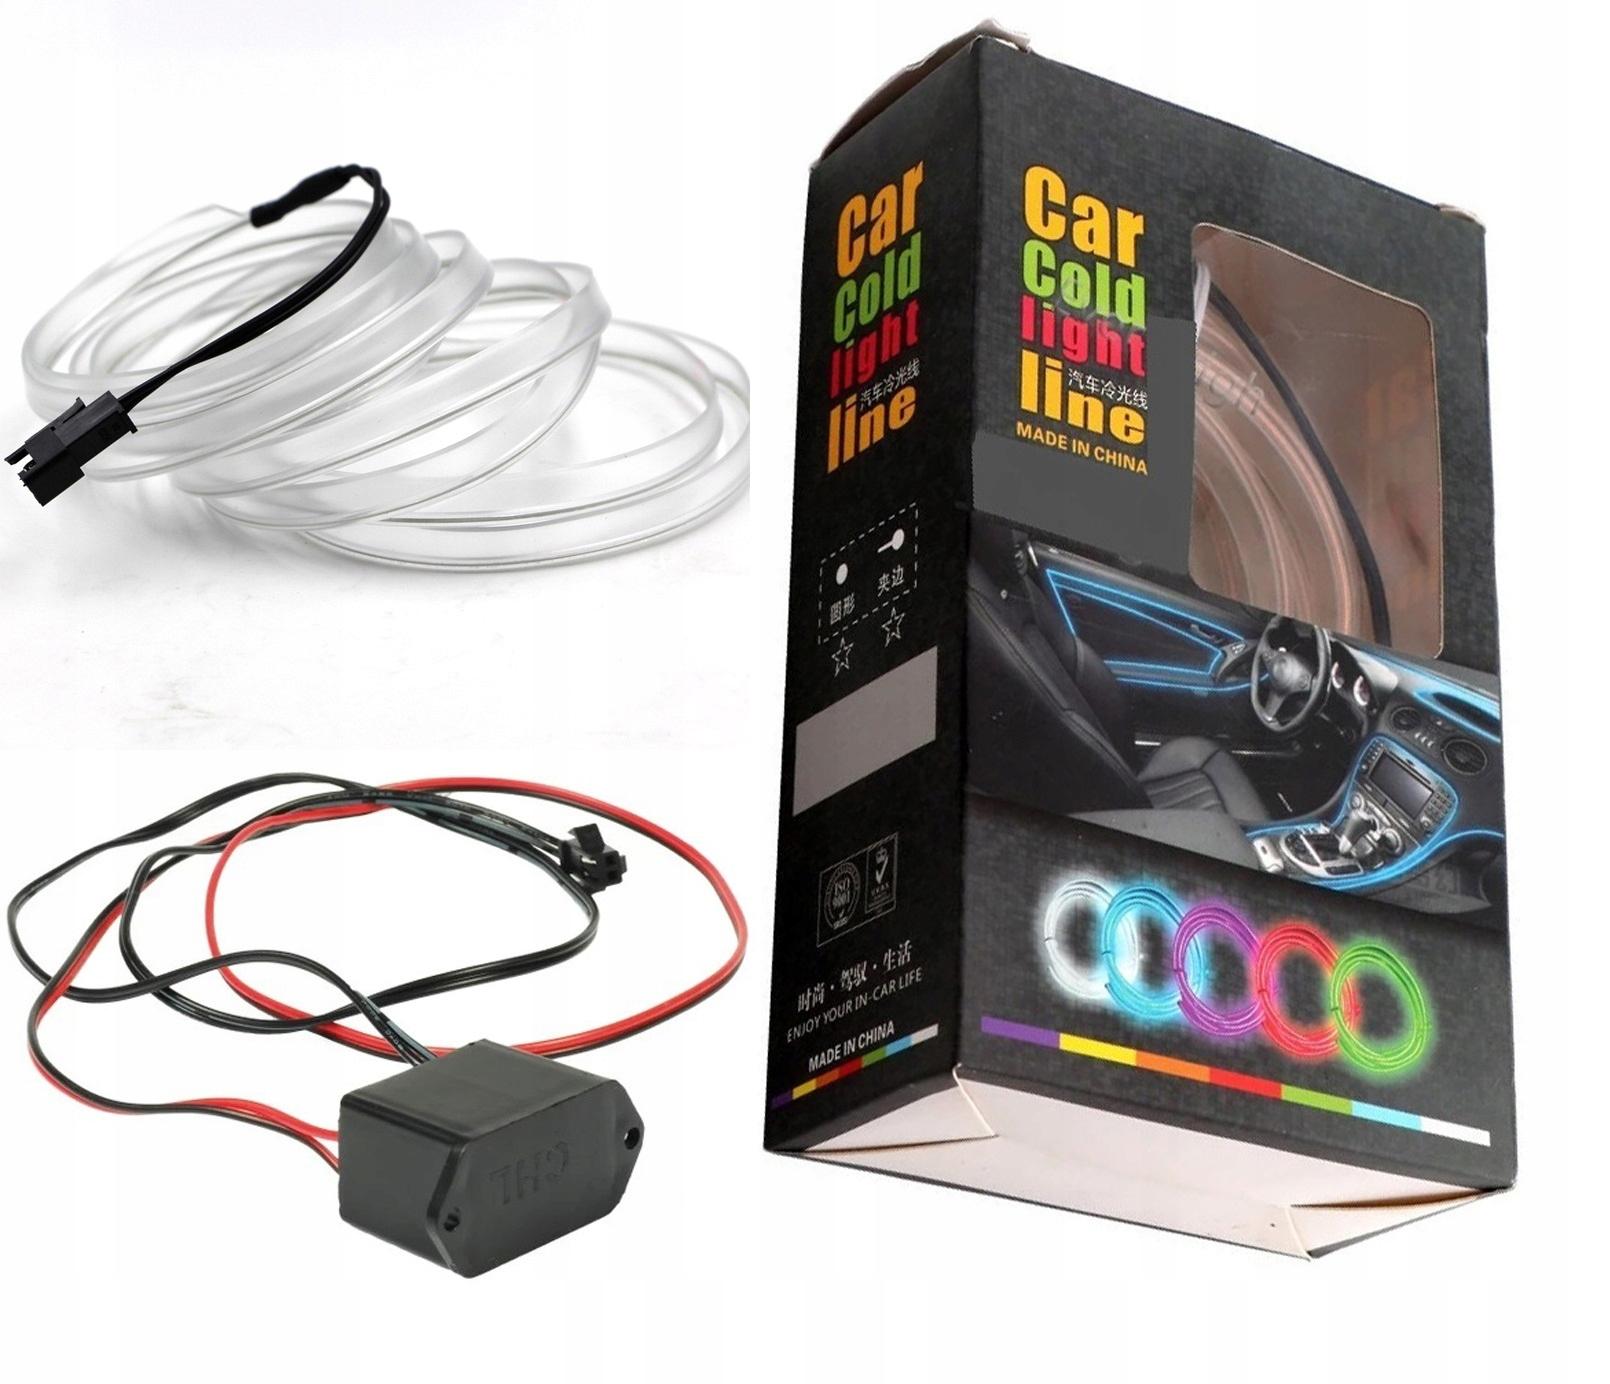 1m Волоконно-оптический кабель el wire led лента панель ambient